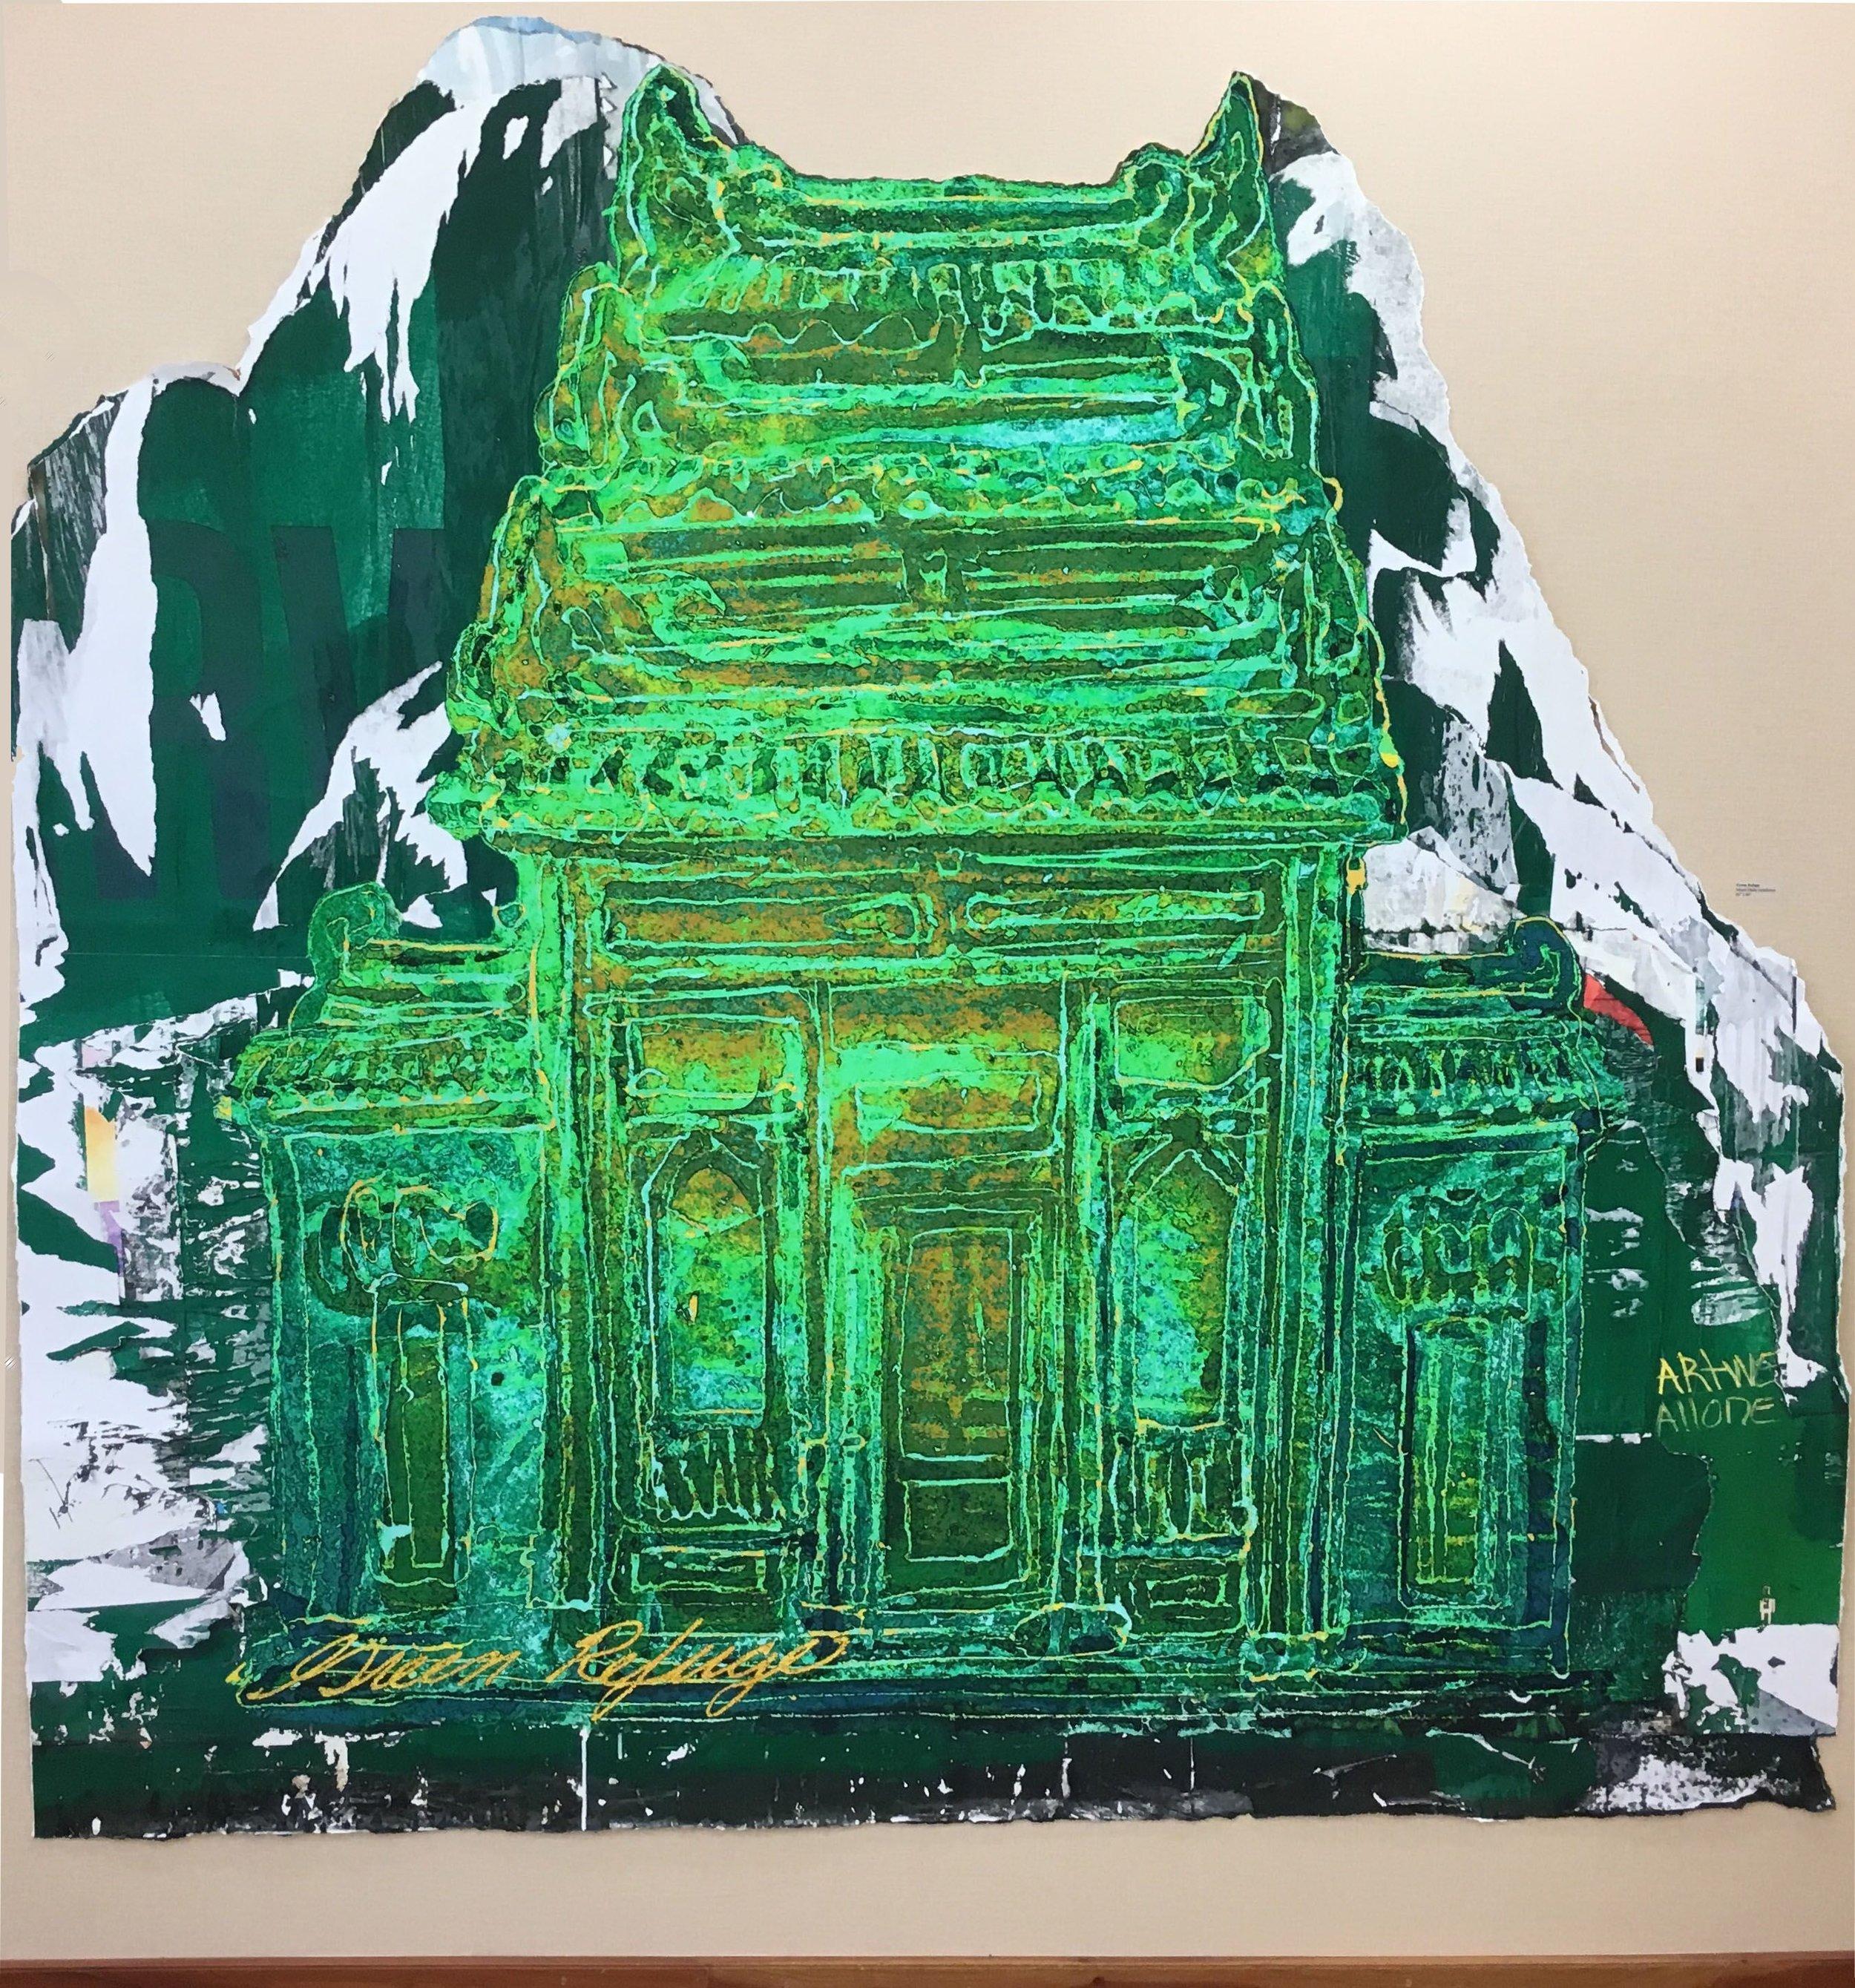 Green Refuge